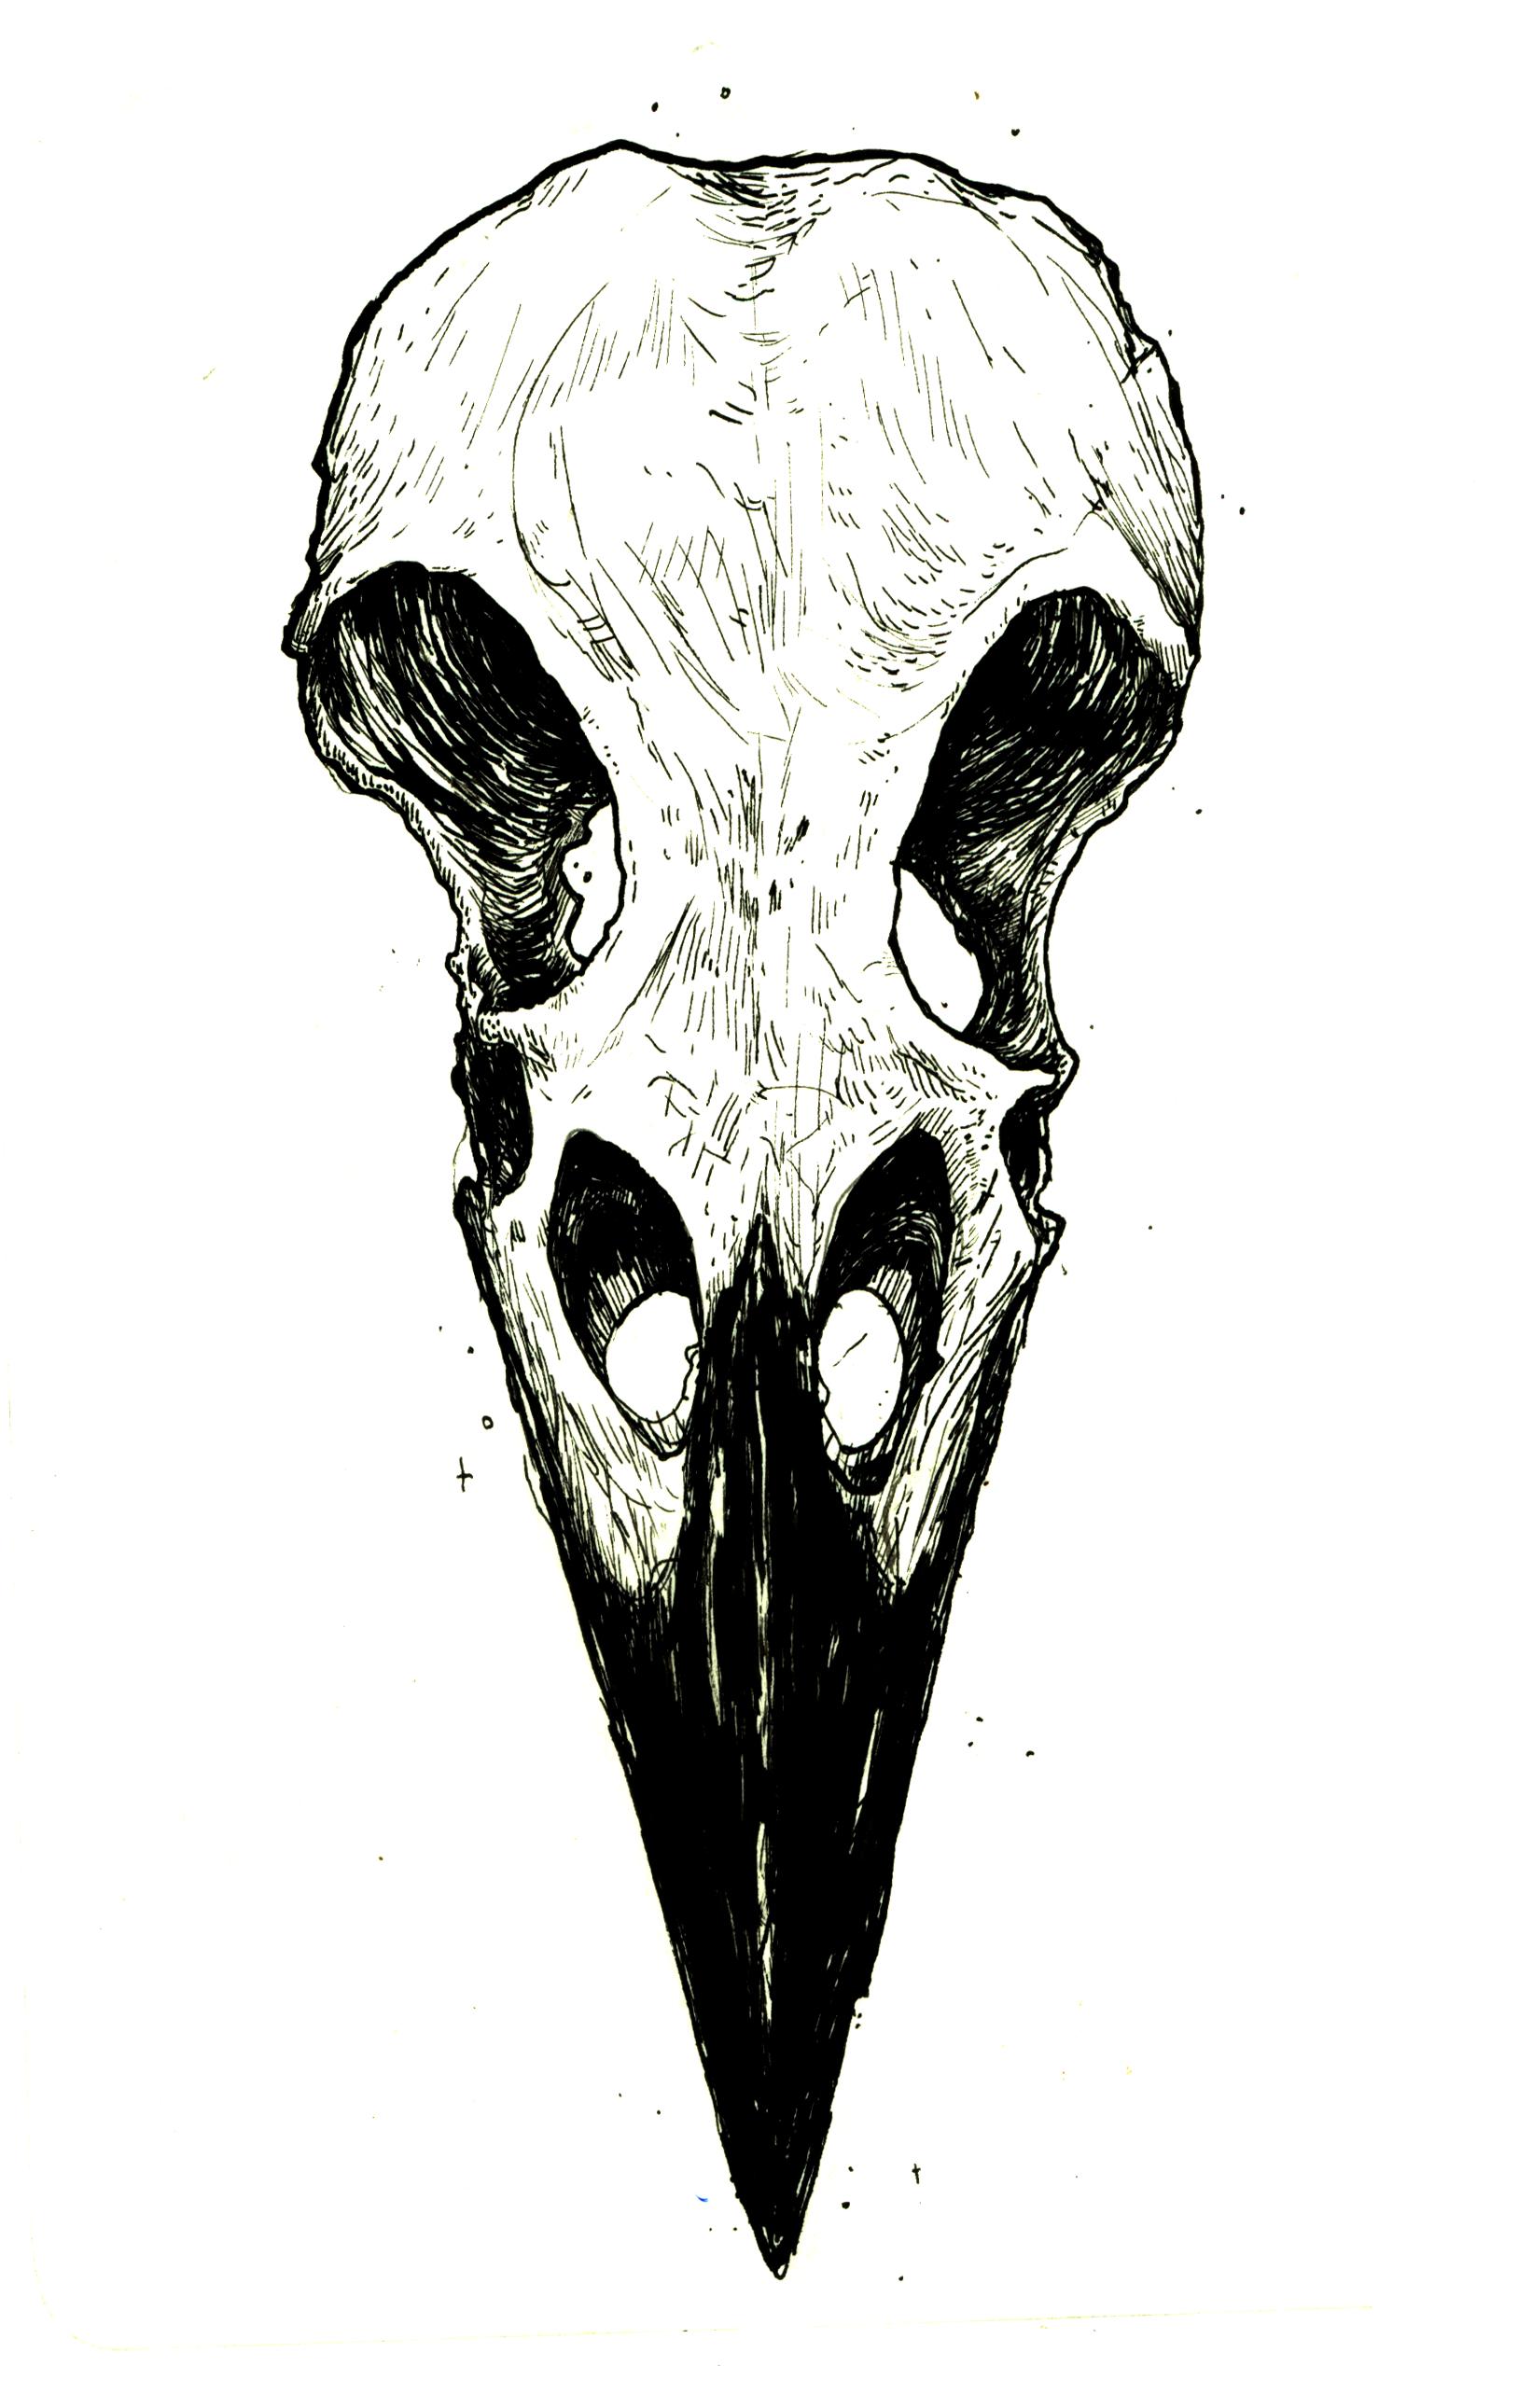 Ravenskullforrobin Png 1 642 2 581 Pixels Animal Skull Drawing Skulls Drawing Bird Skull Tattoo